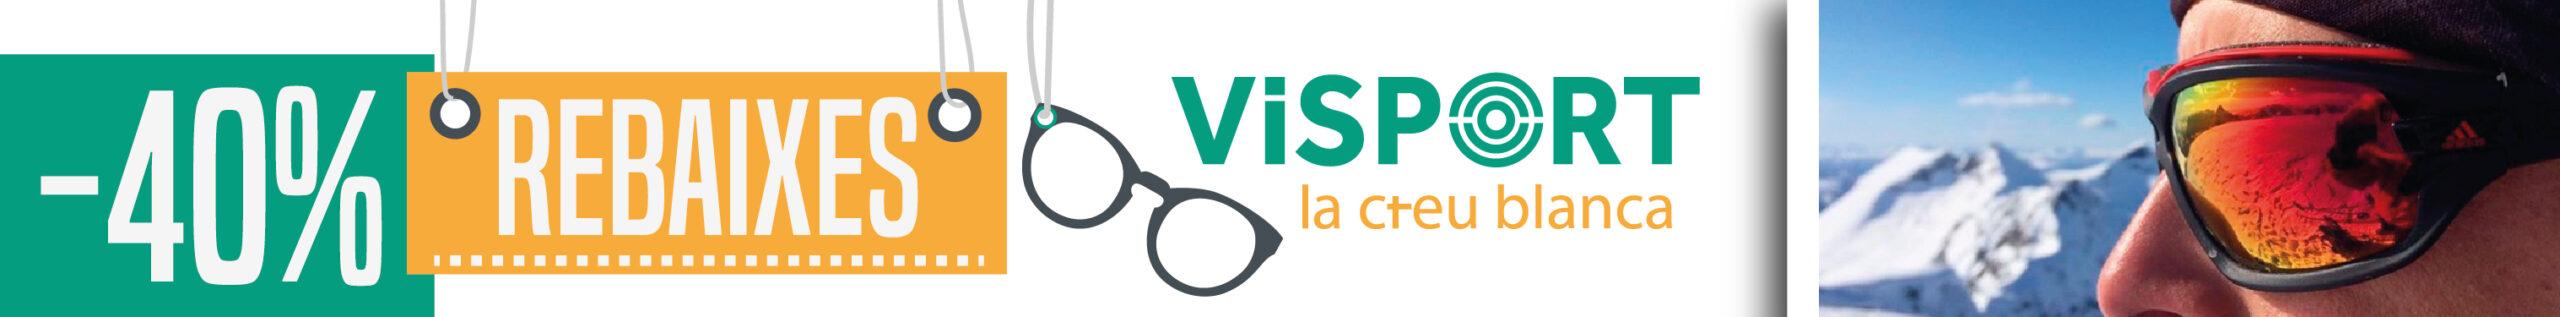 BANNERS DE VISPORT PARA WEB CON LAS PROMOCIONES